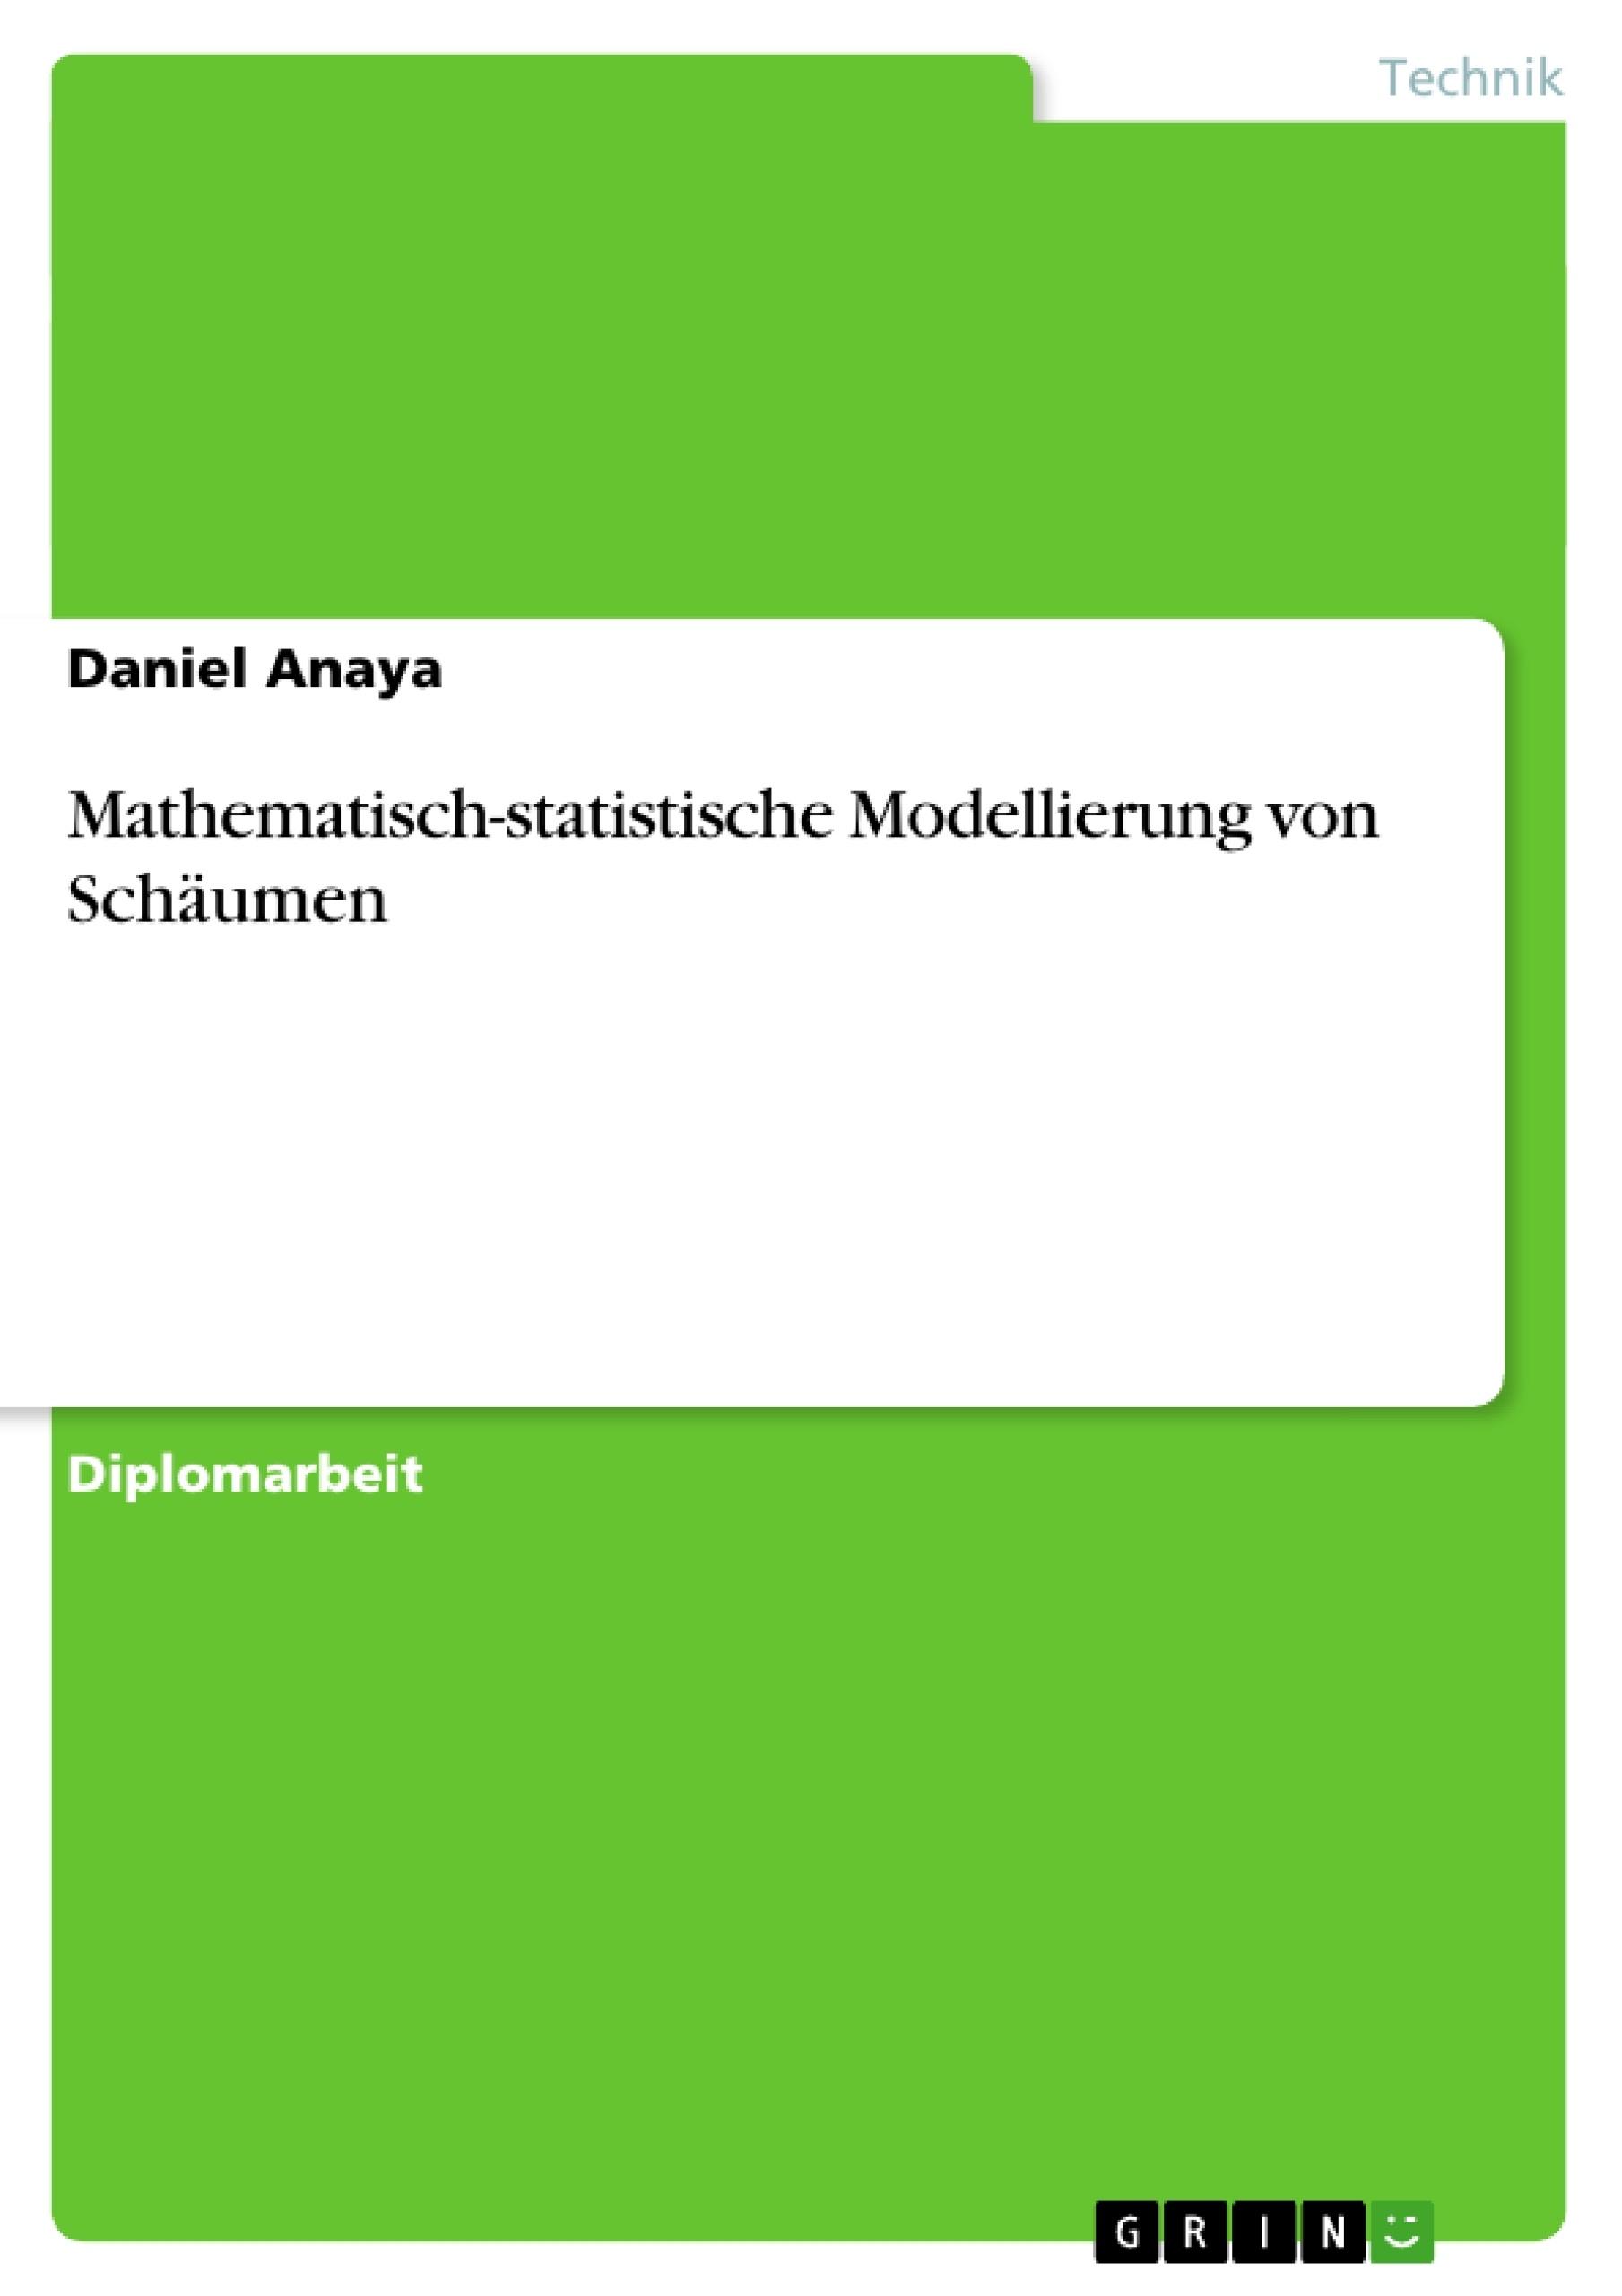 Titel: Mathematisch-statistische Modellierung von Schäumen